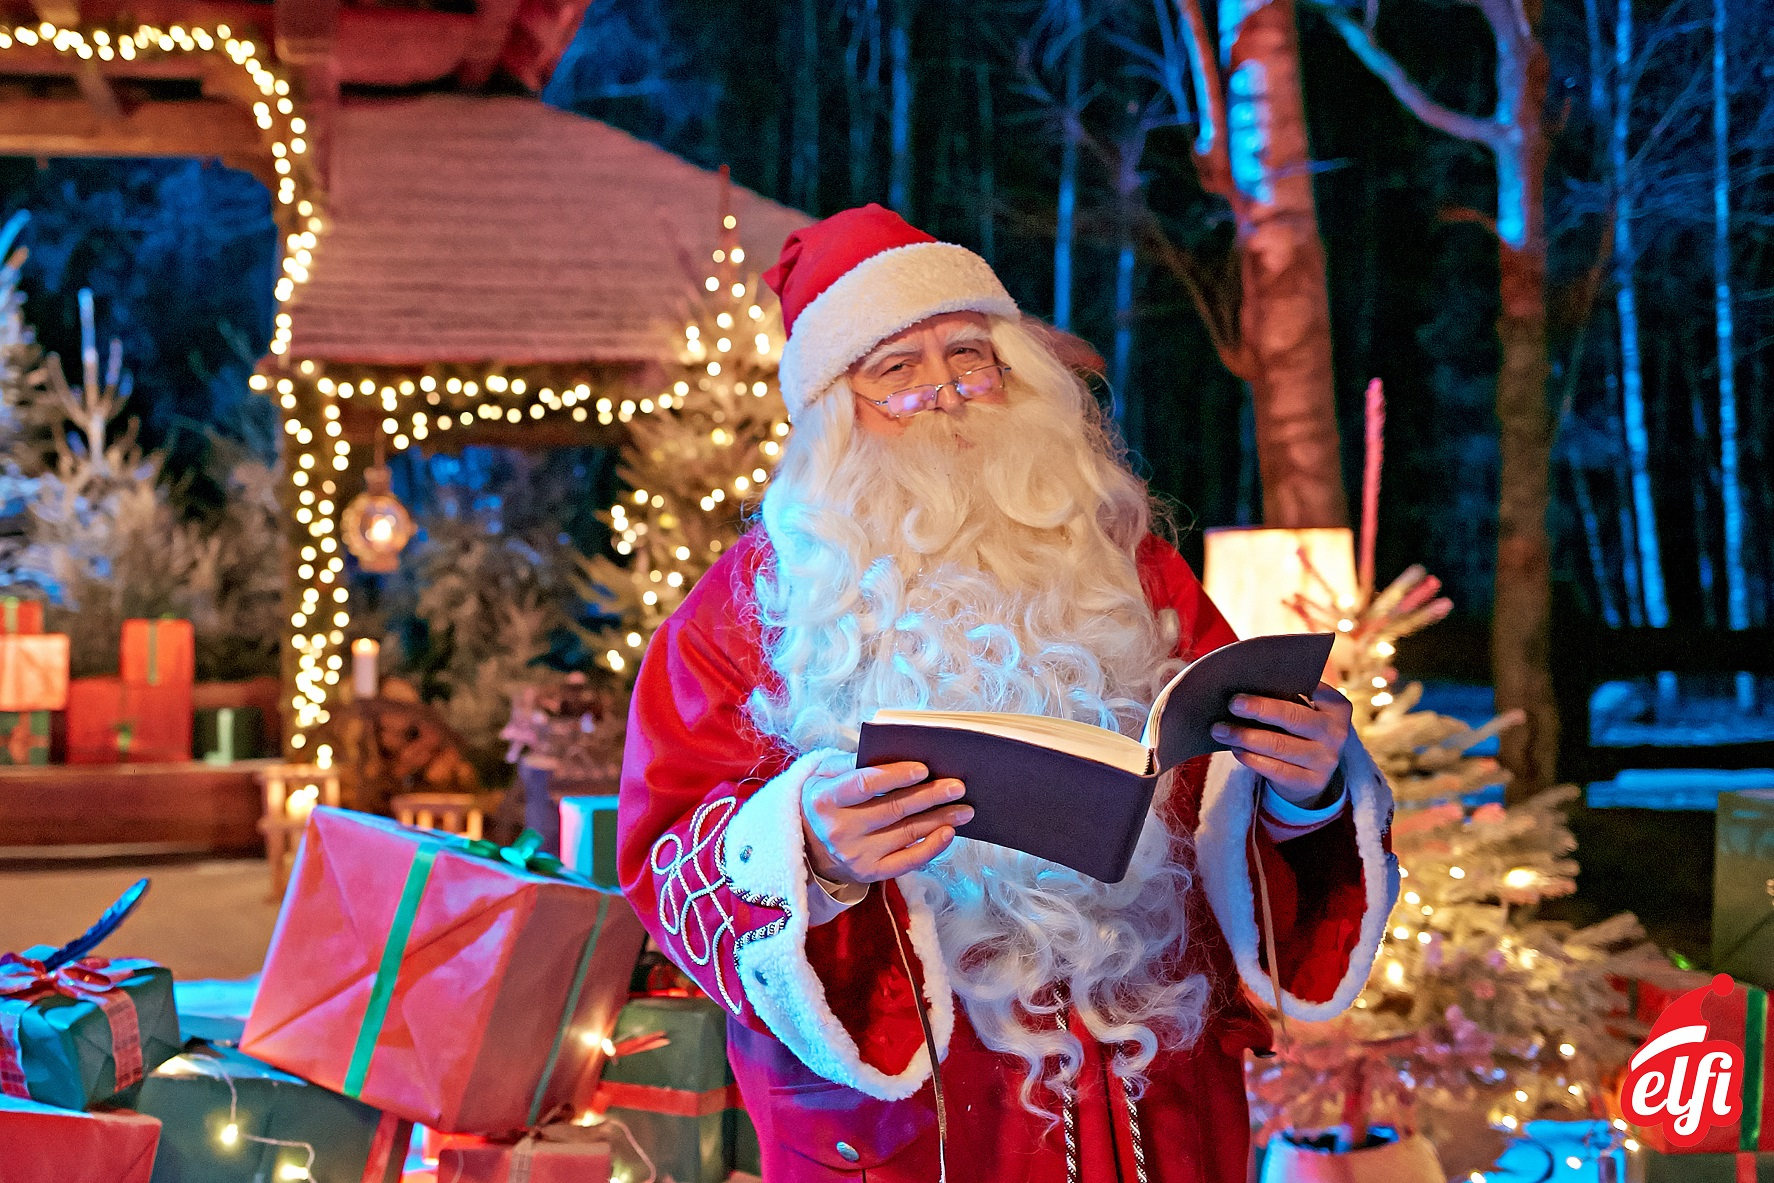 Lettre Au Pere Noel Personnalise.Cadeau Surprise Noel Pour Enfant Message Personnalise Du